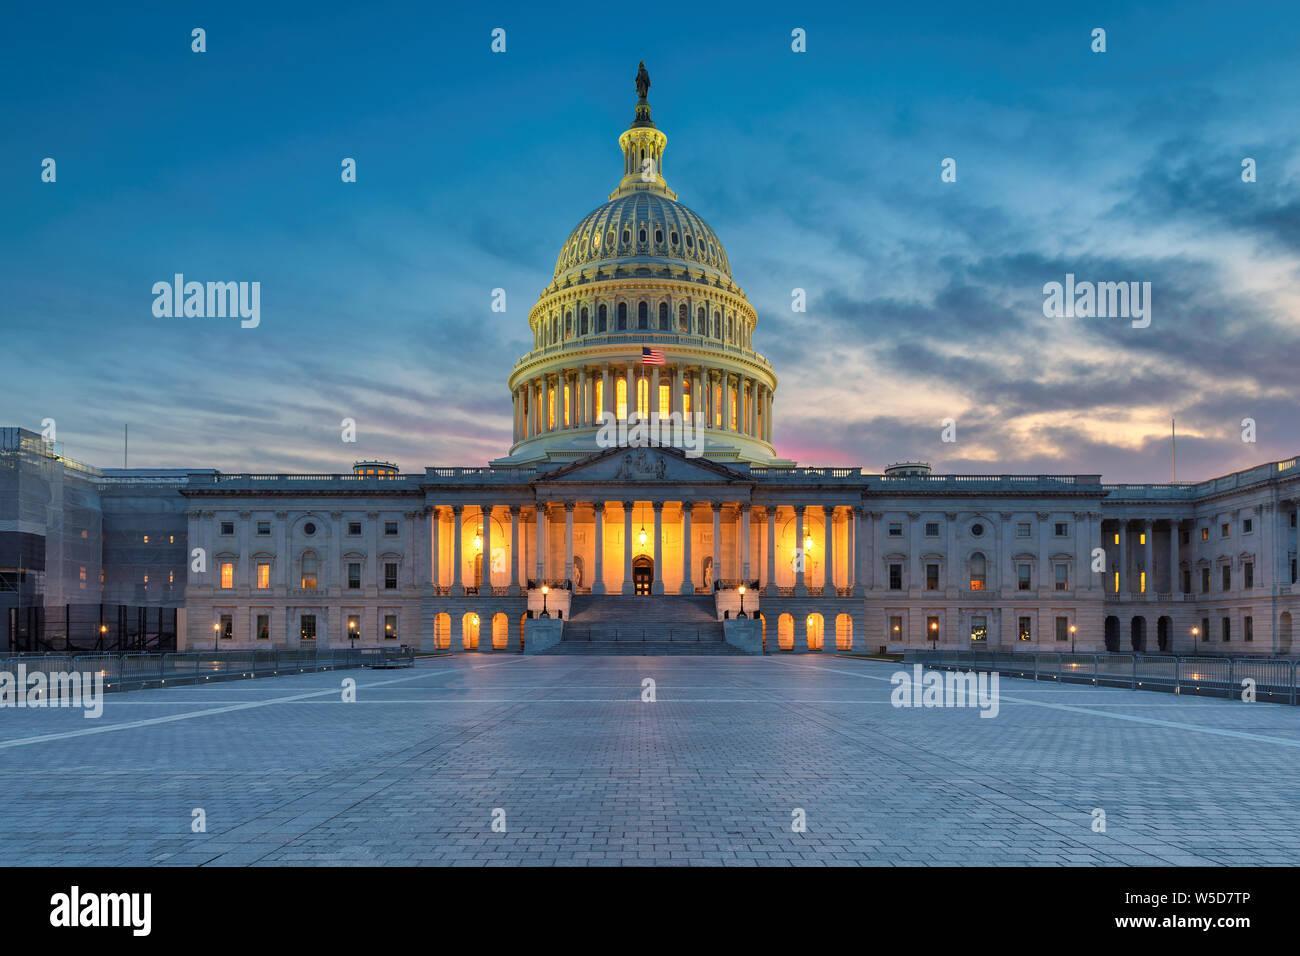 El edificio del Capitolio de los Estados Unidos al atardecer, Washington DC, Estados Unidos. Foto de stock